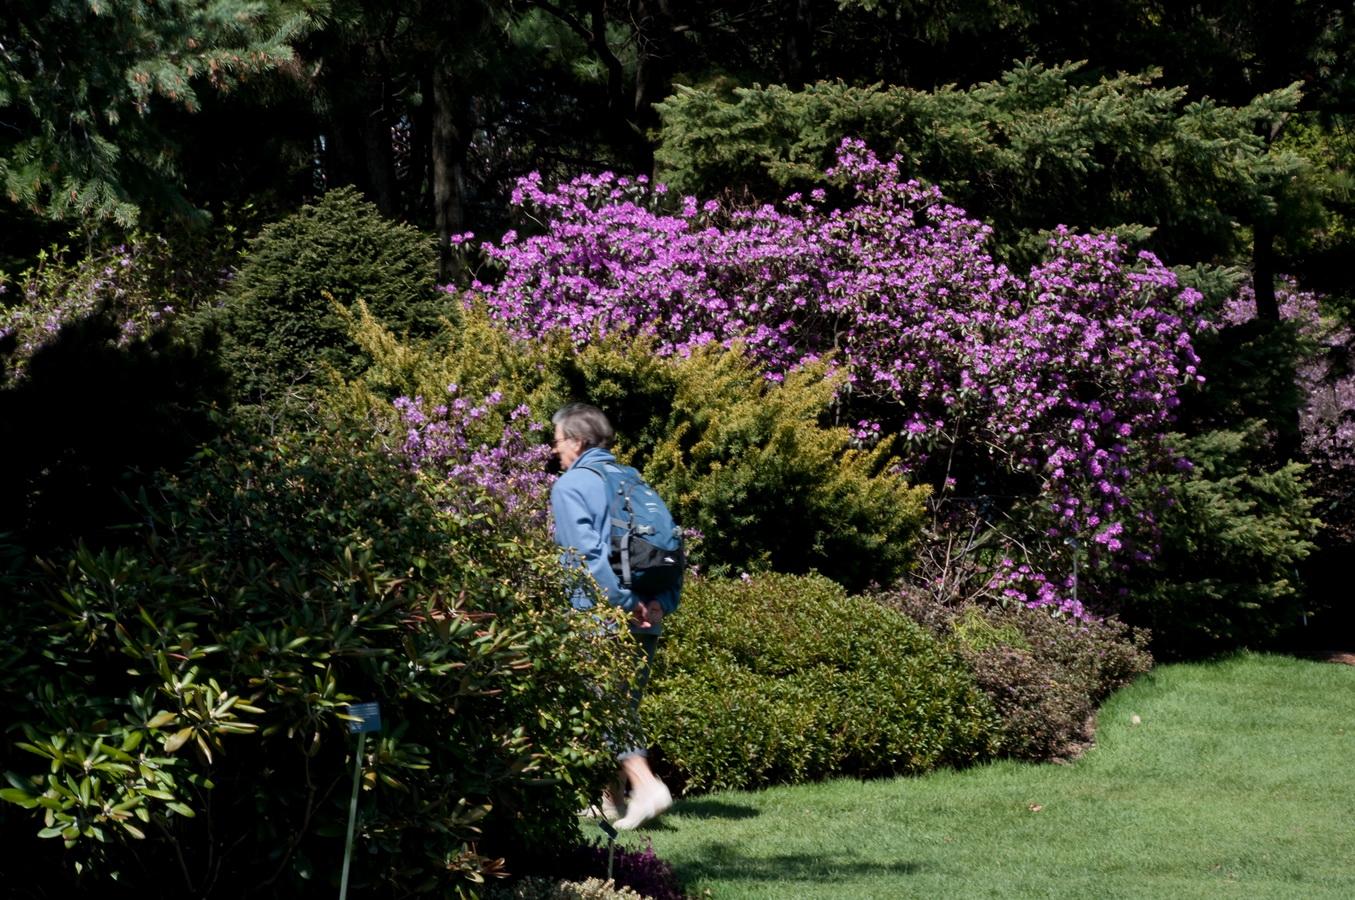 Jardin de fleurs jardin de r ves les beaut s de montr al for Un jardin de fleurs